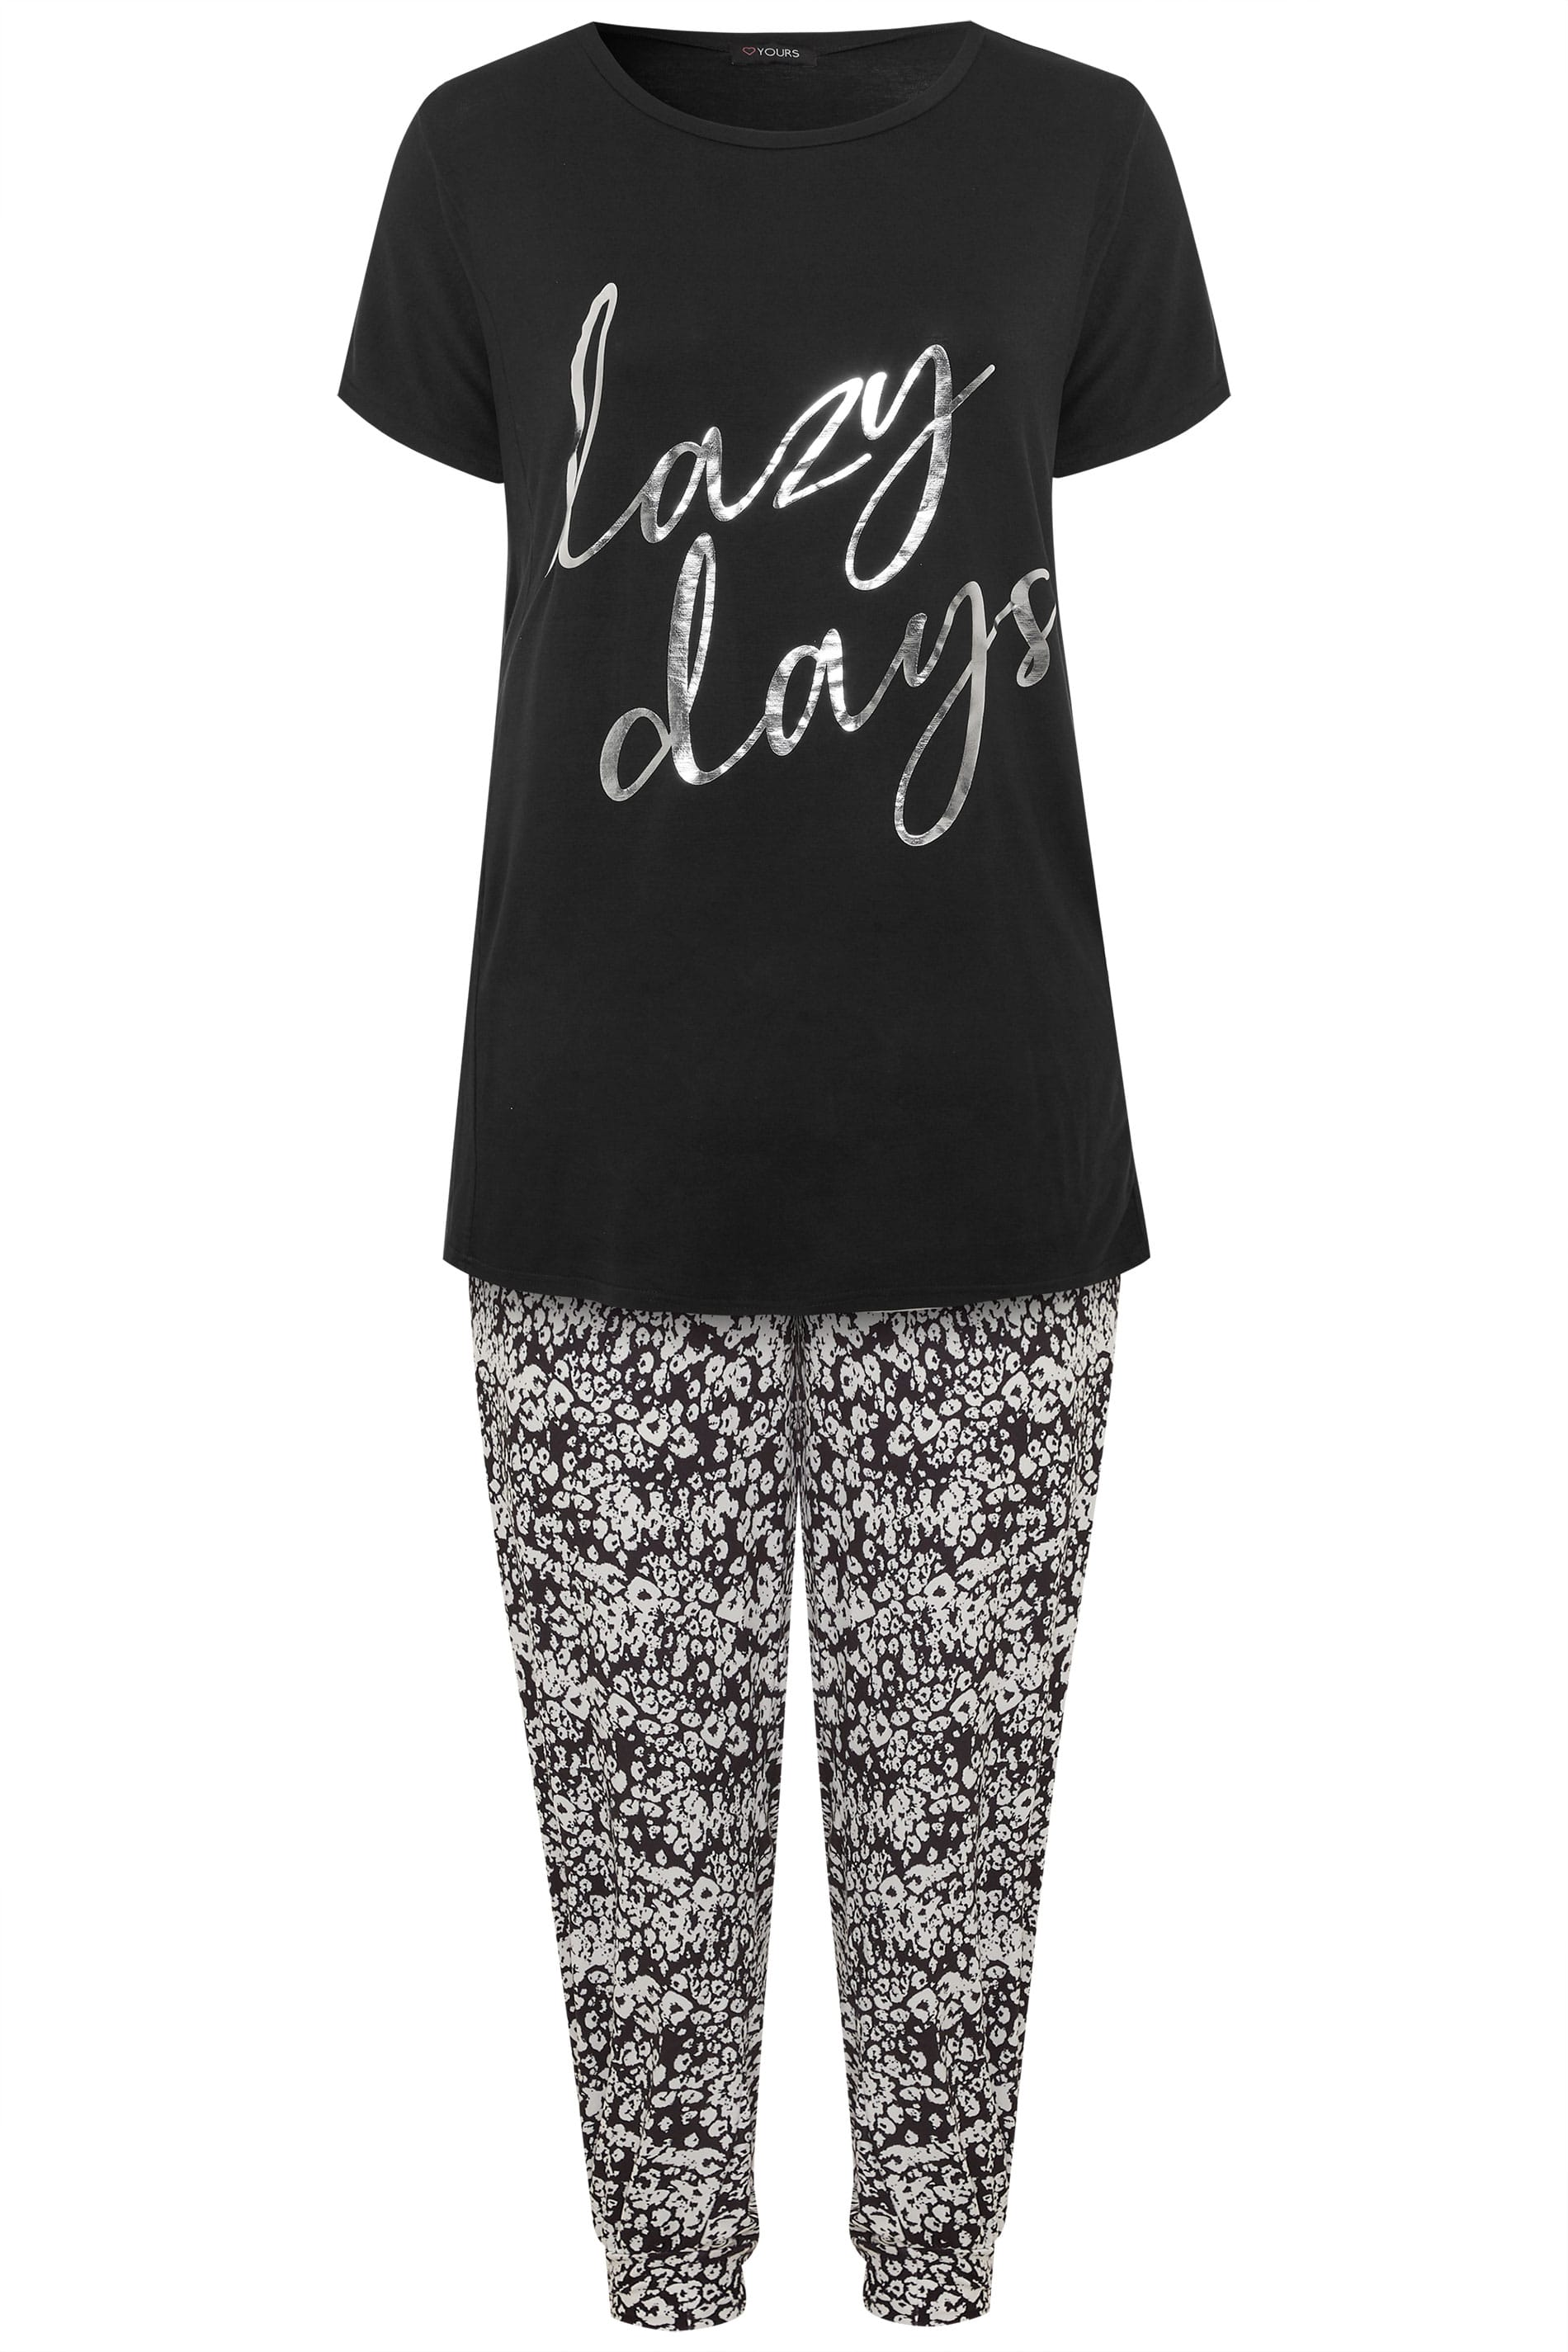 Lounge Mode Set 'Lazy Days'   Schwarz/Grau   Yours Clothing